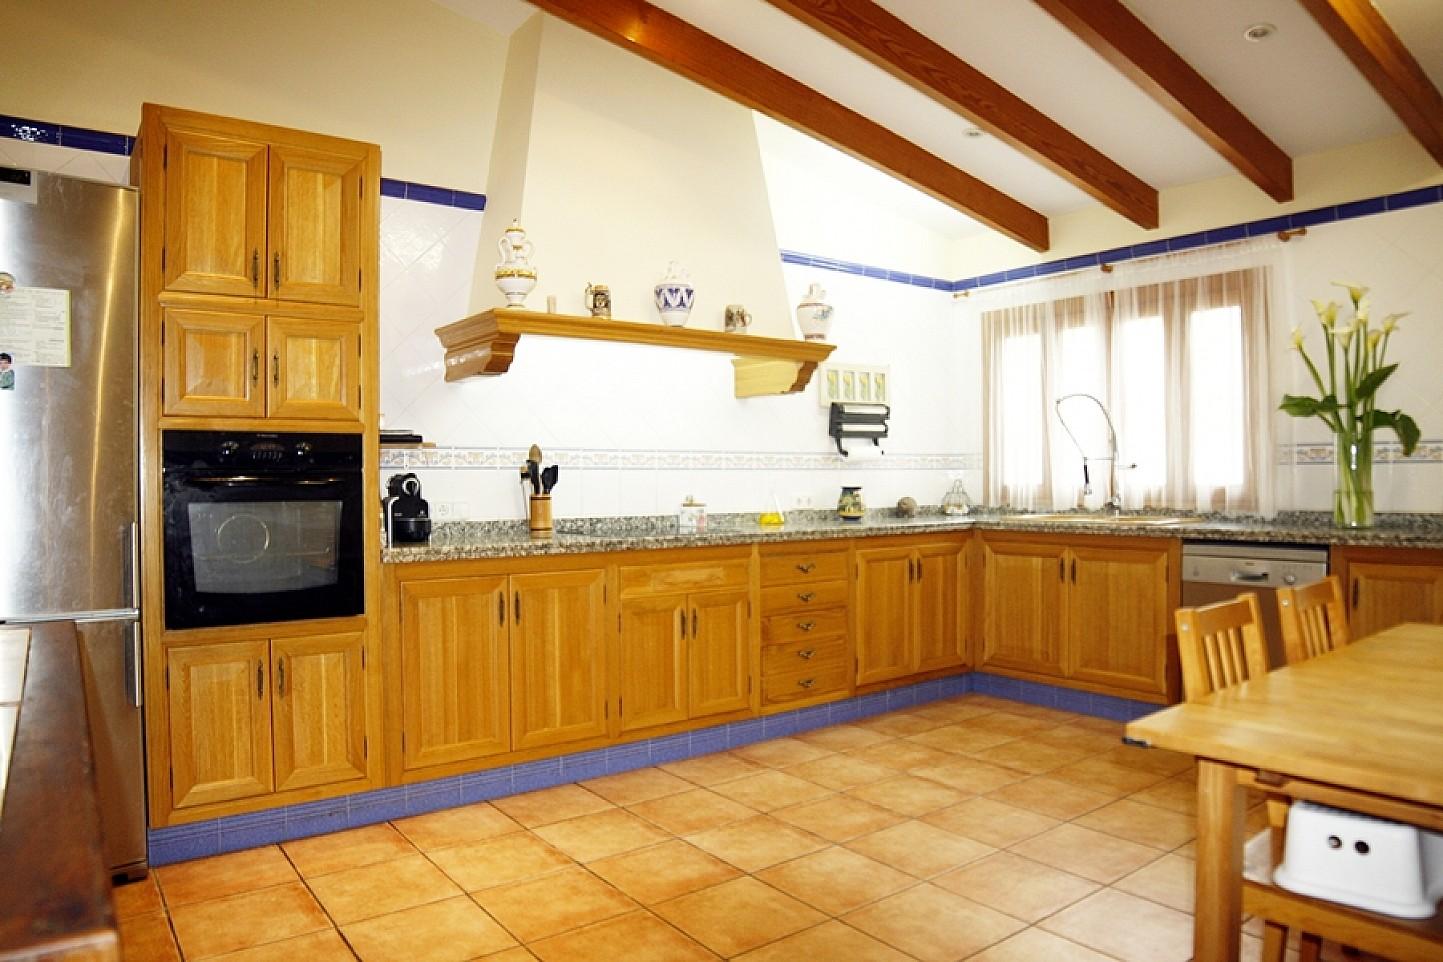 Cocina de casa unifamiliar con mucho encanto en venta en Llucmajor, Mallorca